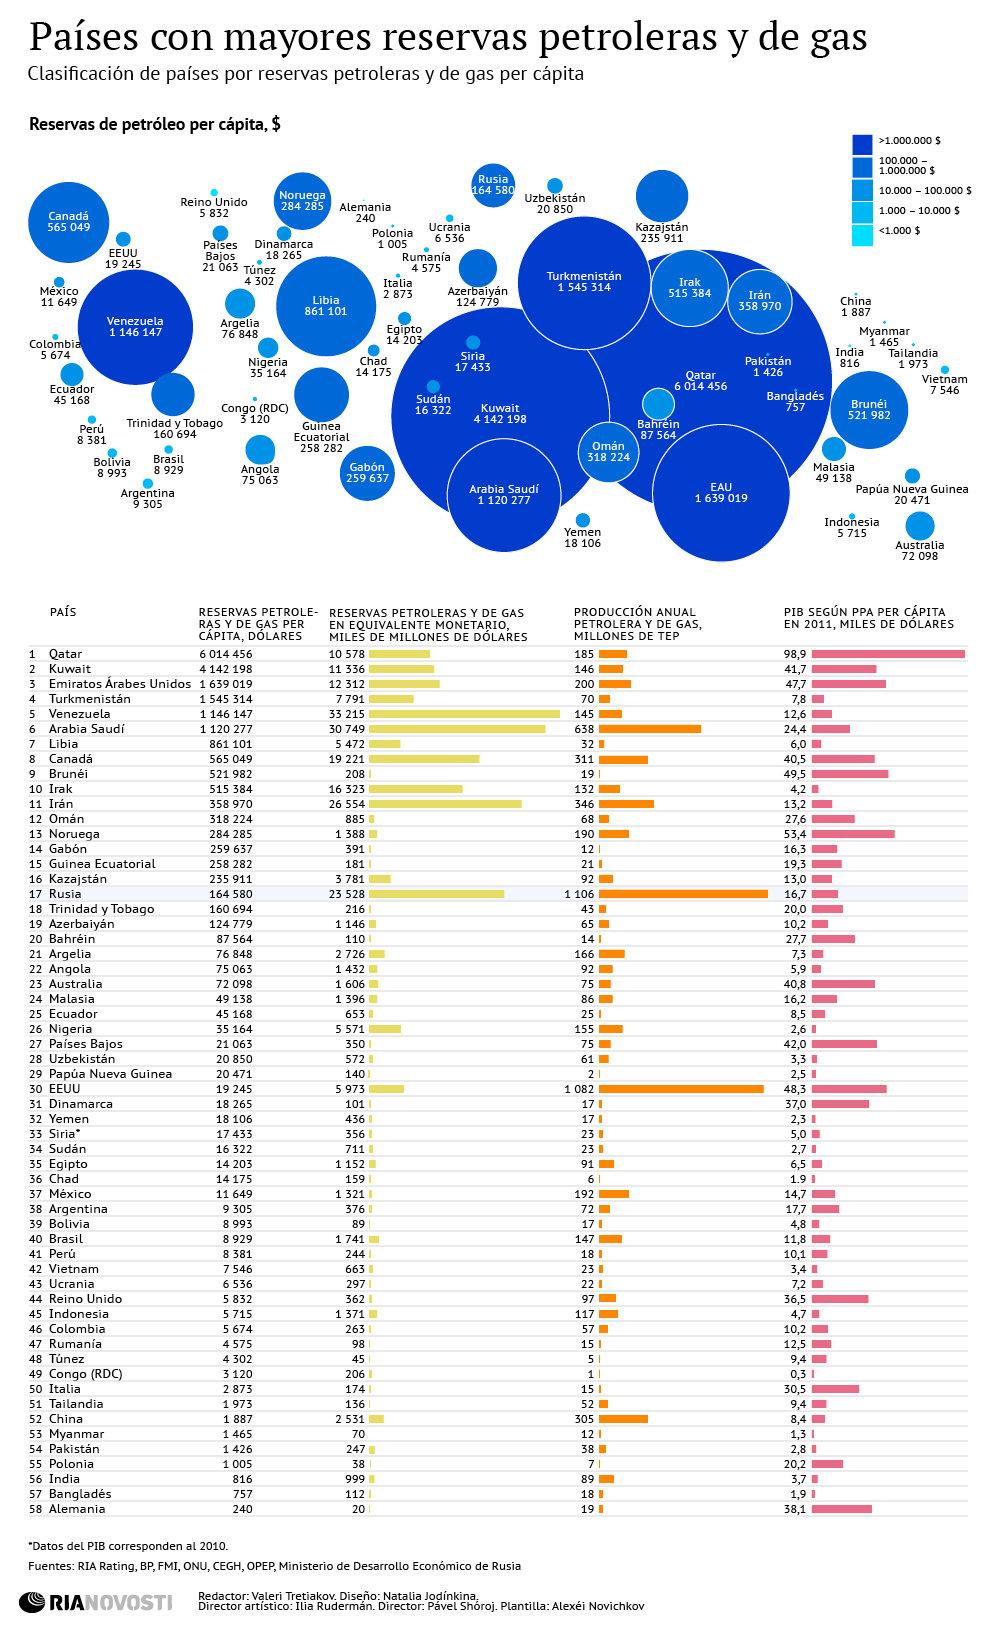 Países con mayores reservas de petróleo y gas